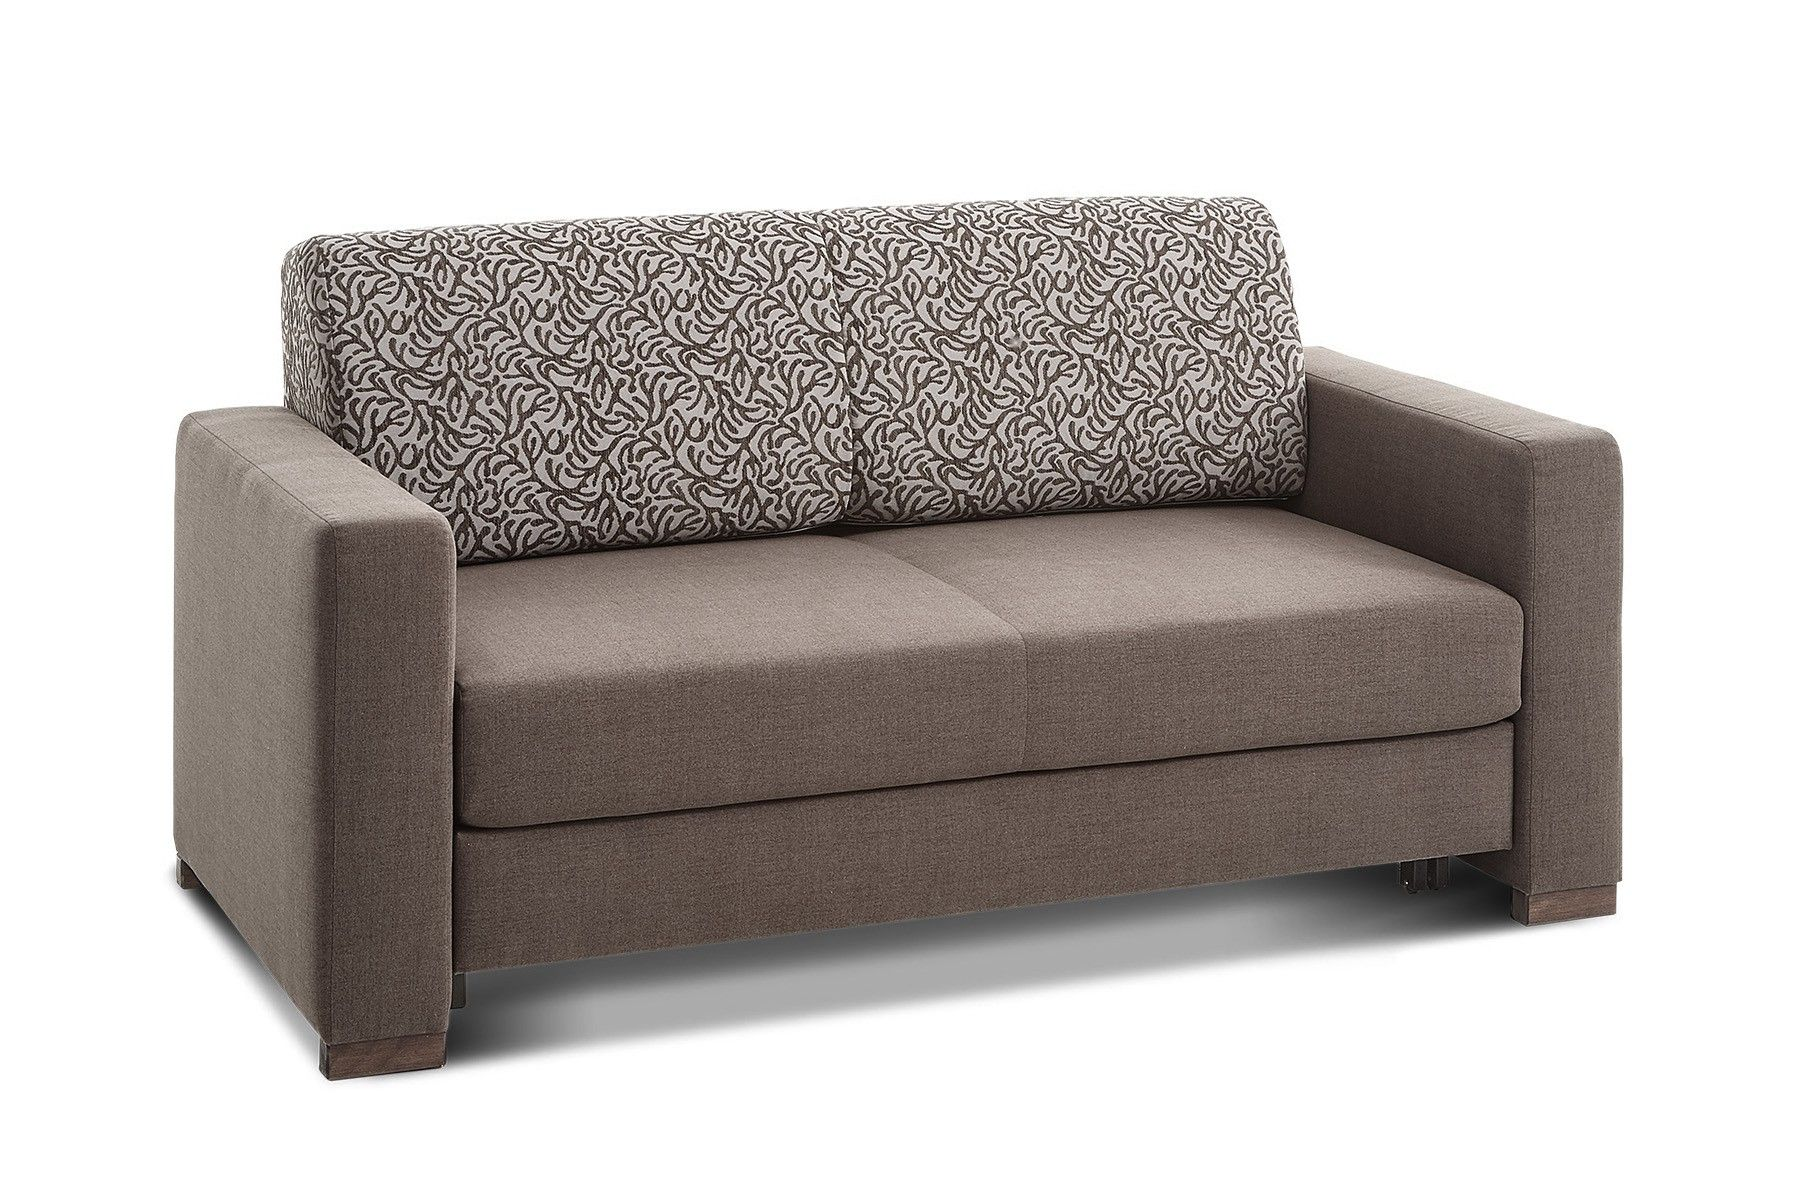 71 Trend Bilder Von Schlafcouch Zum Ausziehen Modern Couch Room Couch